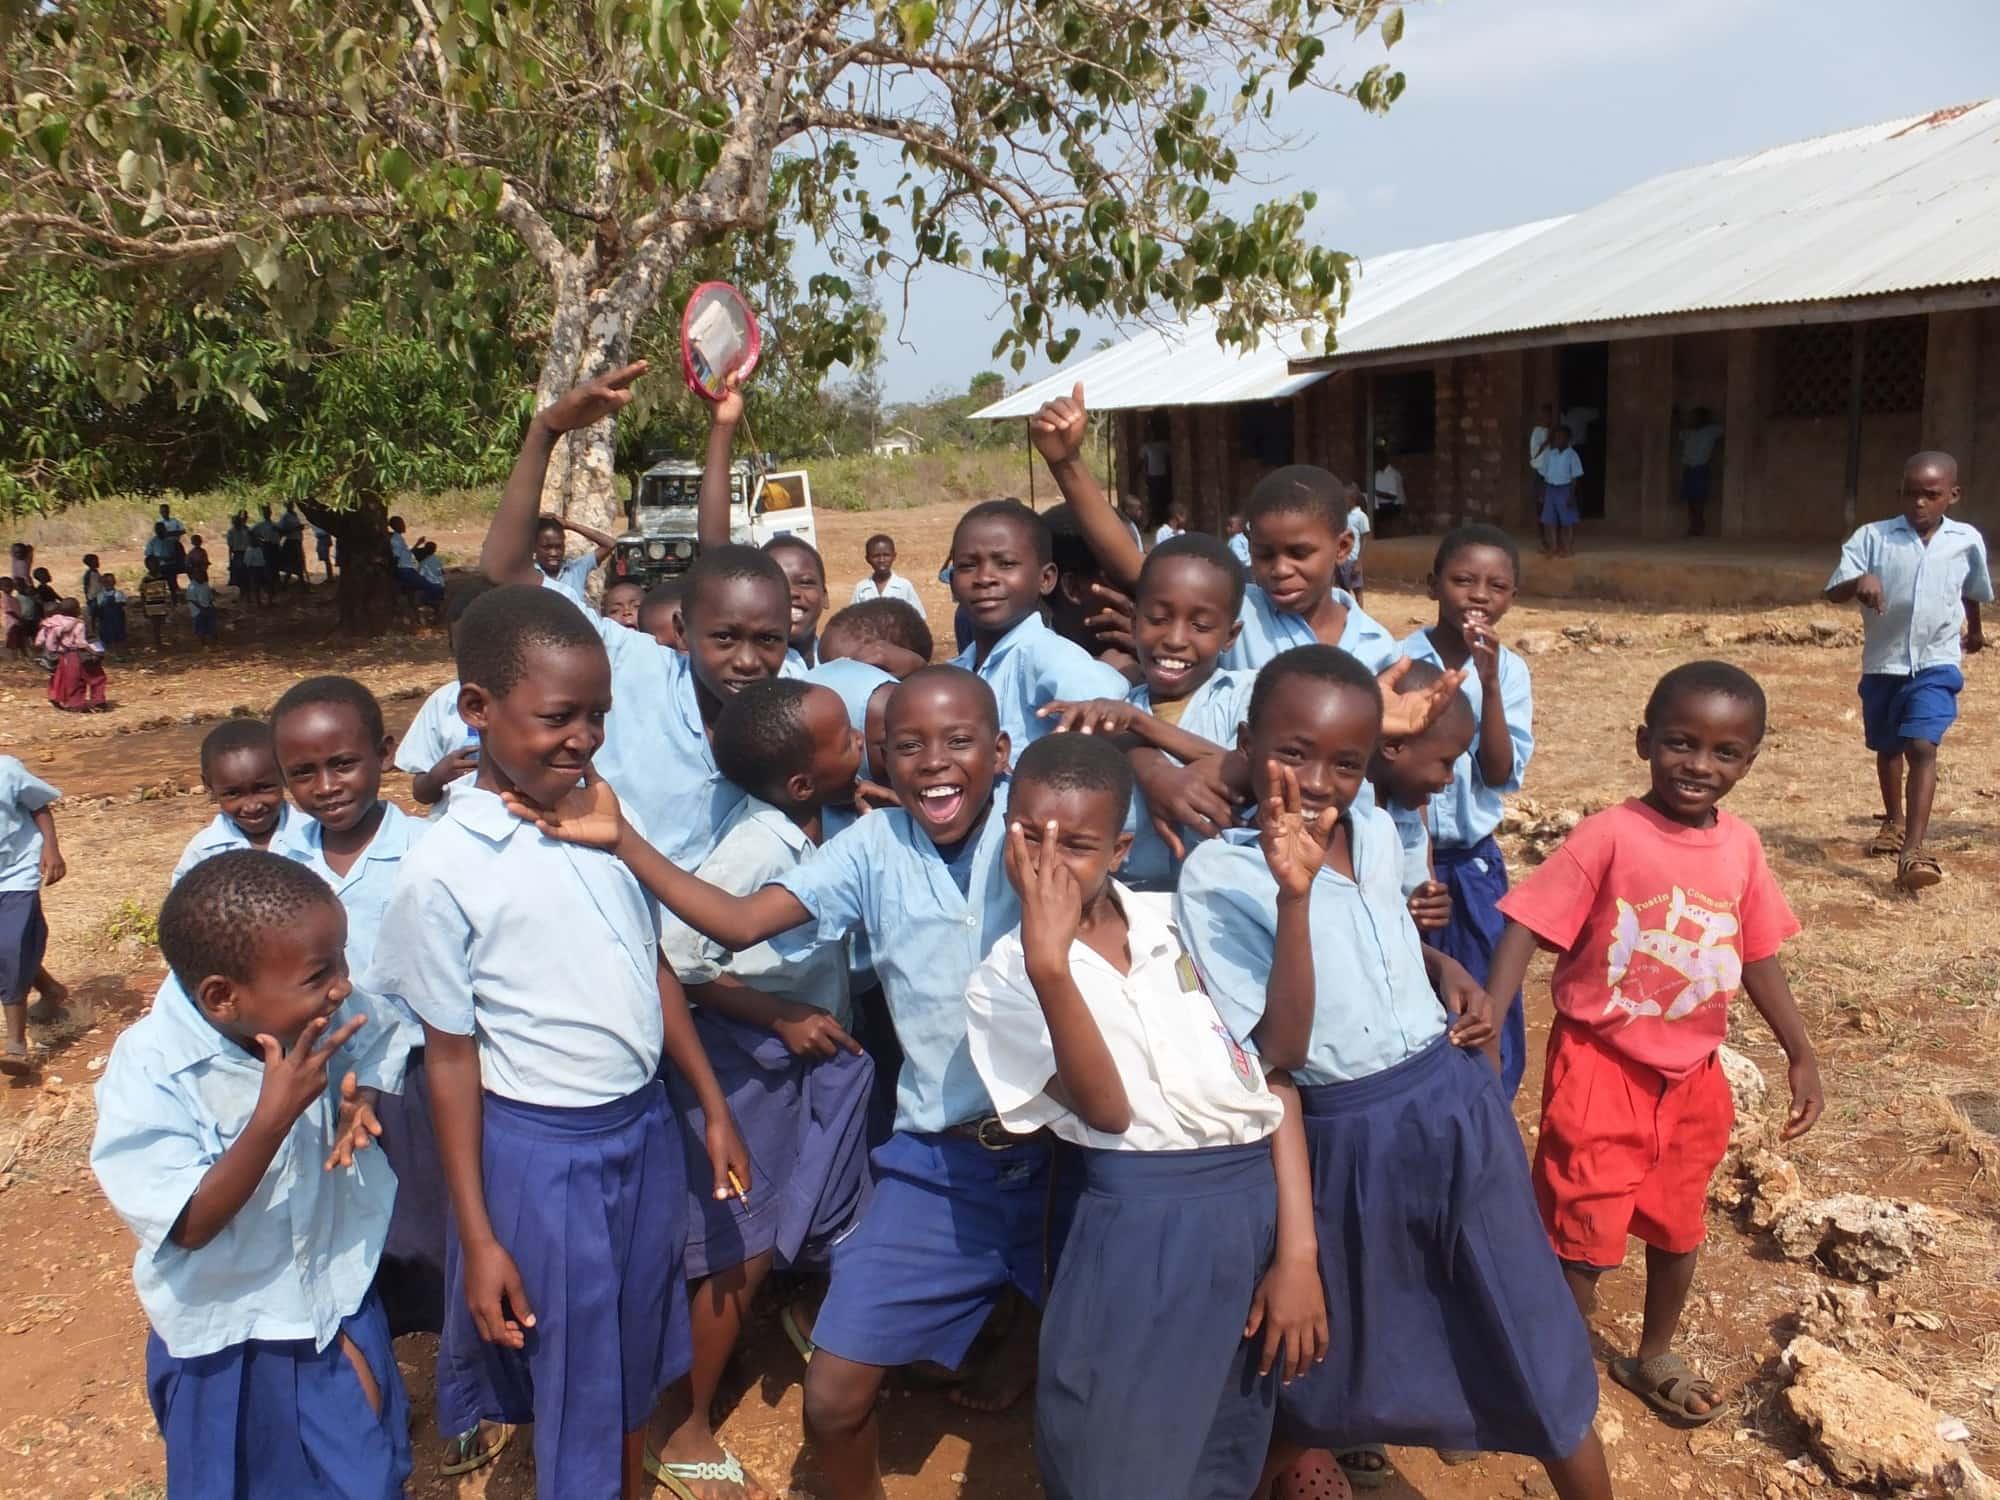 Young Adolescents Project – eine Erfolgsgeschichte mit großer Wirkung und Nachhaltigkeit